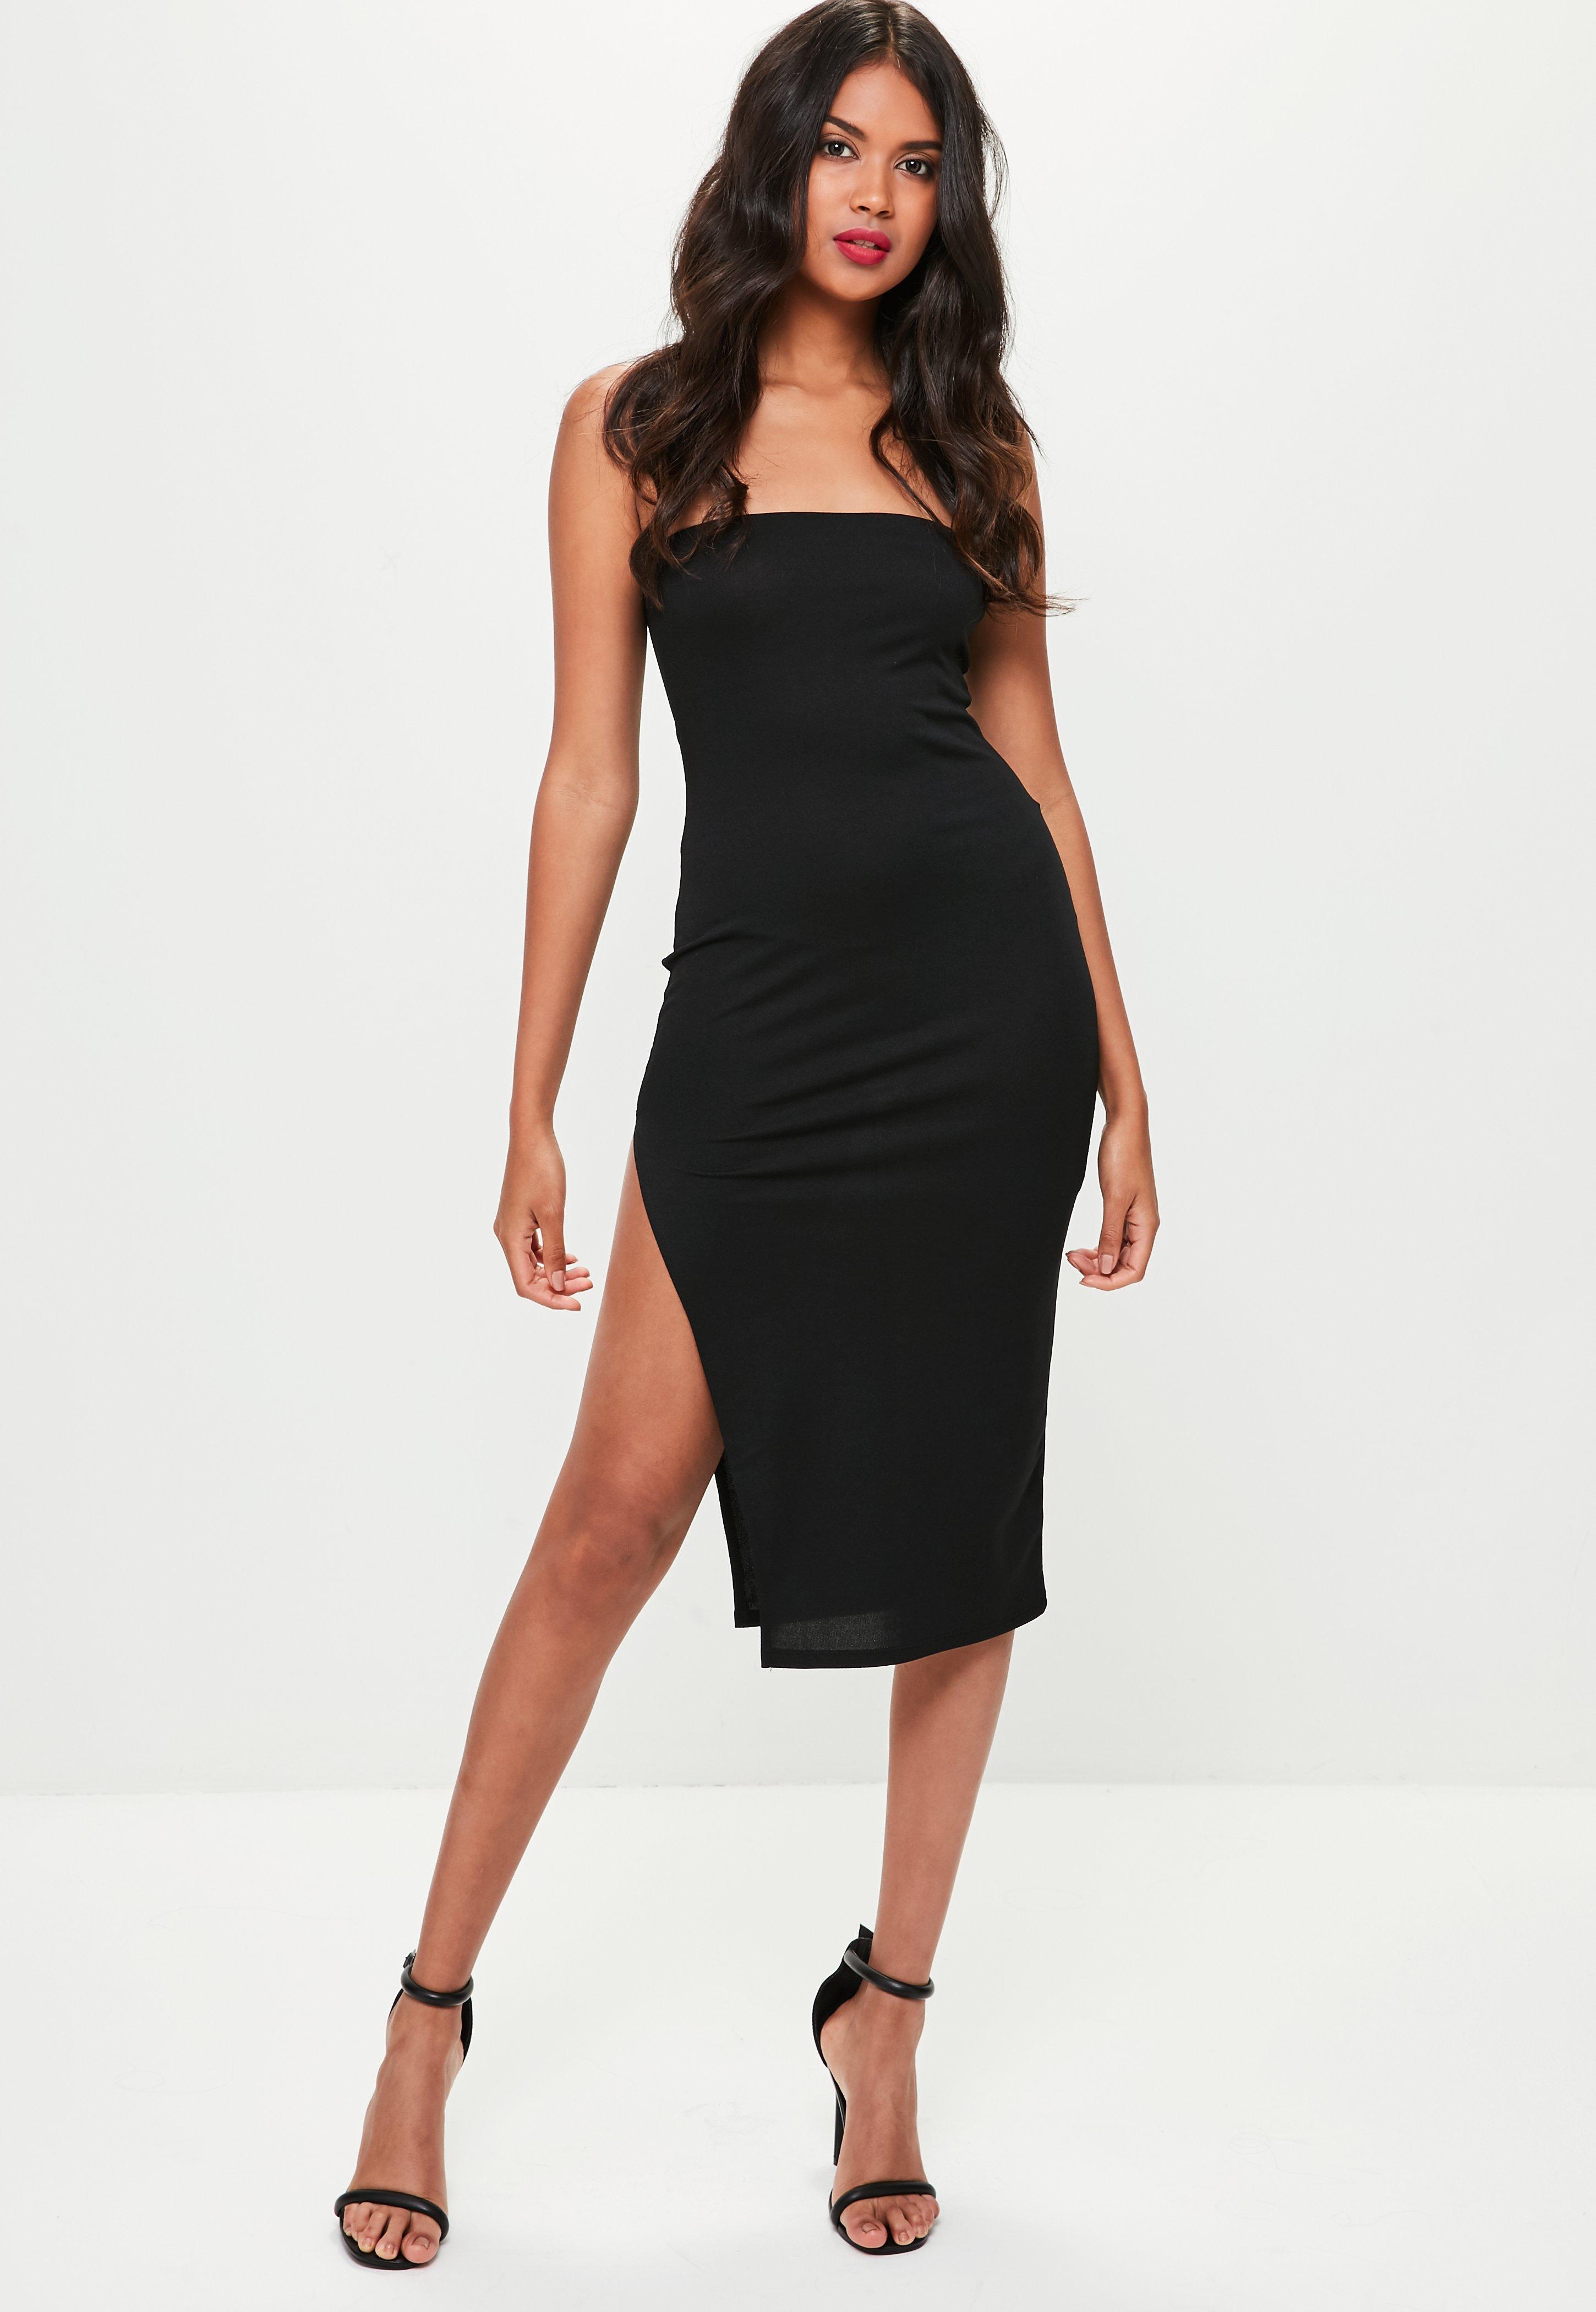 Lyst - Missguided Black Split Side Bandeau Midi Dress in Black 33a9e8430